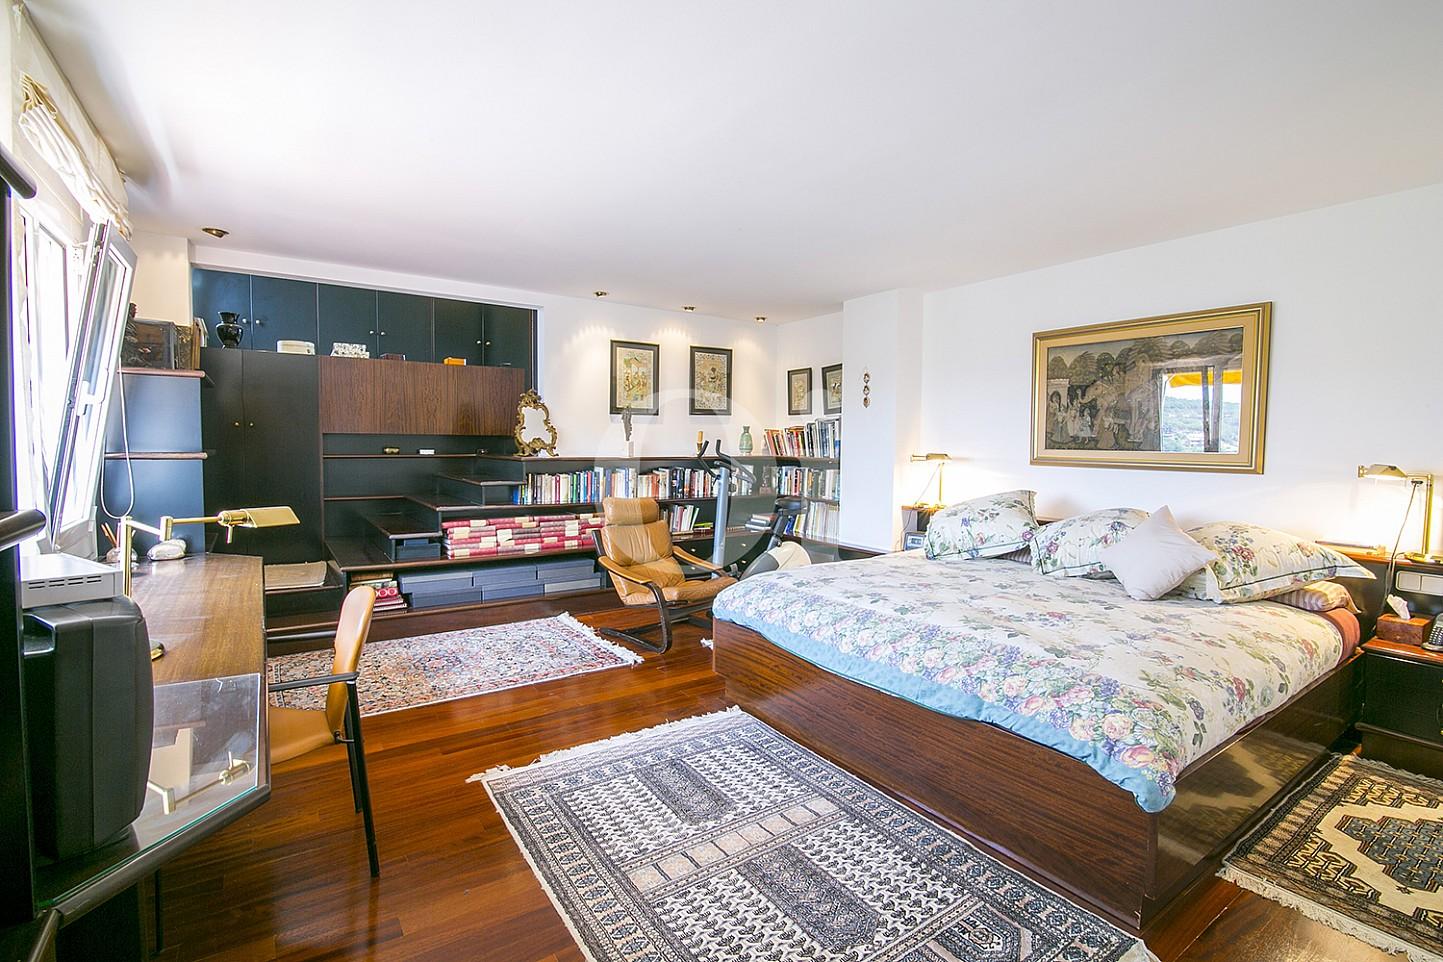 Espaciosa habitación doble con cama matrimonial en lujosa casa en venta situada en Cabrils